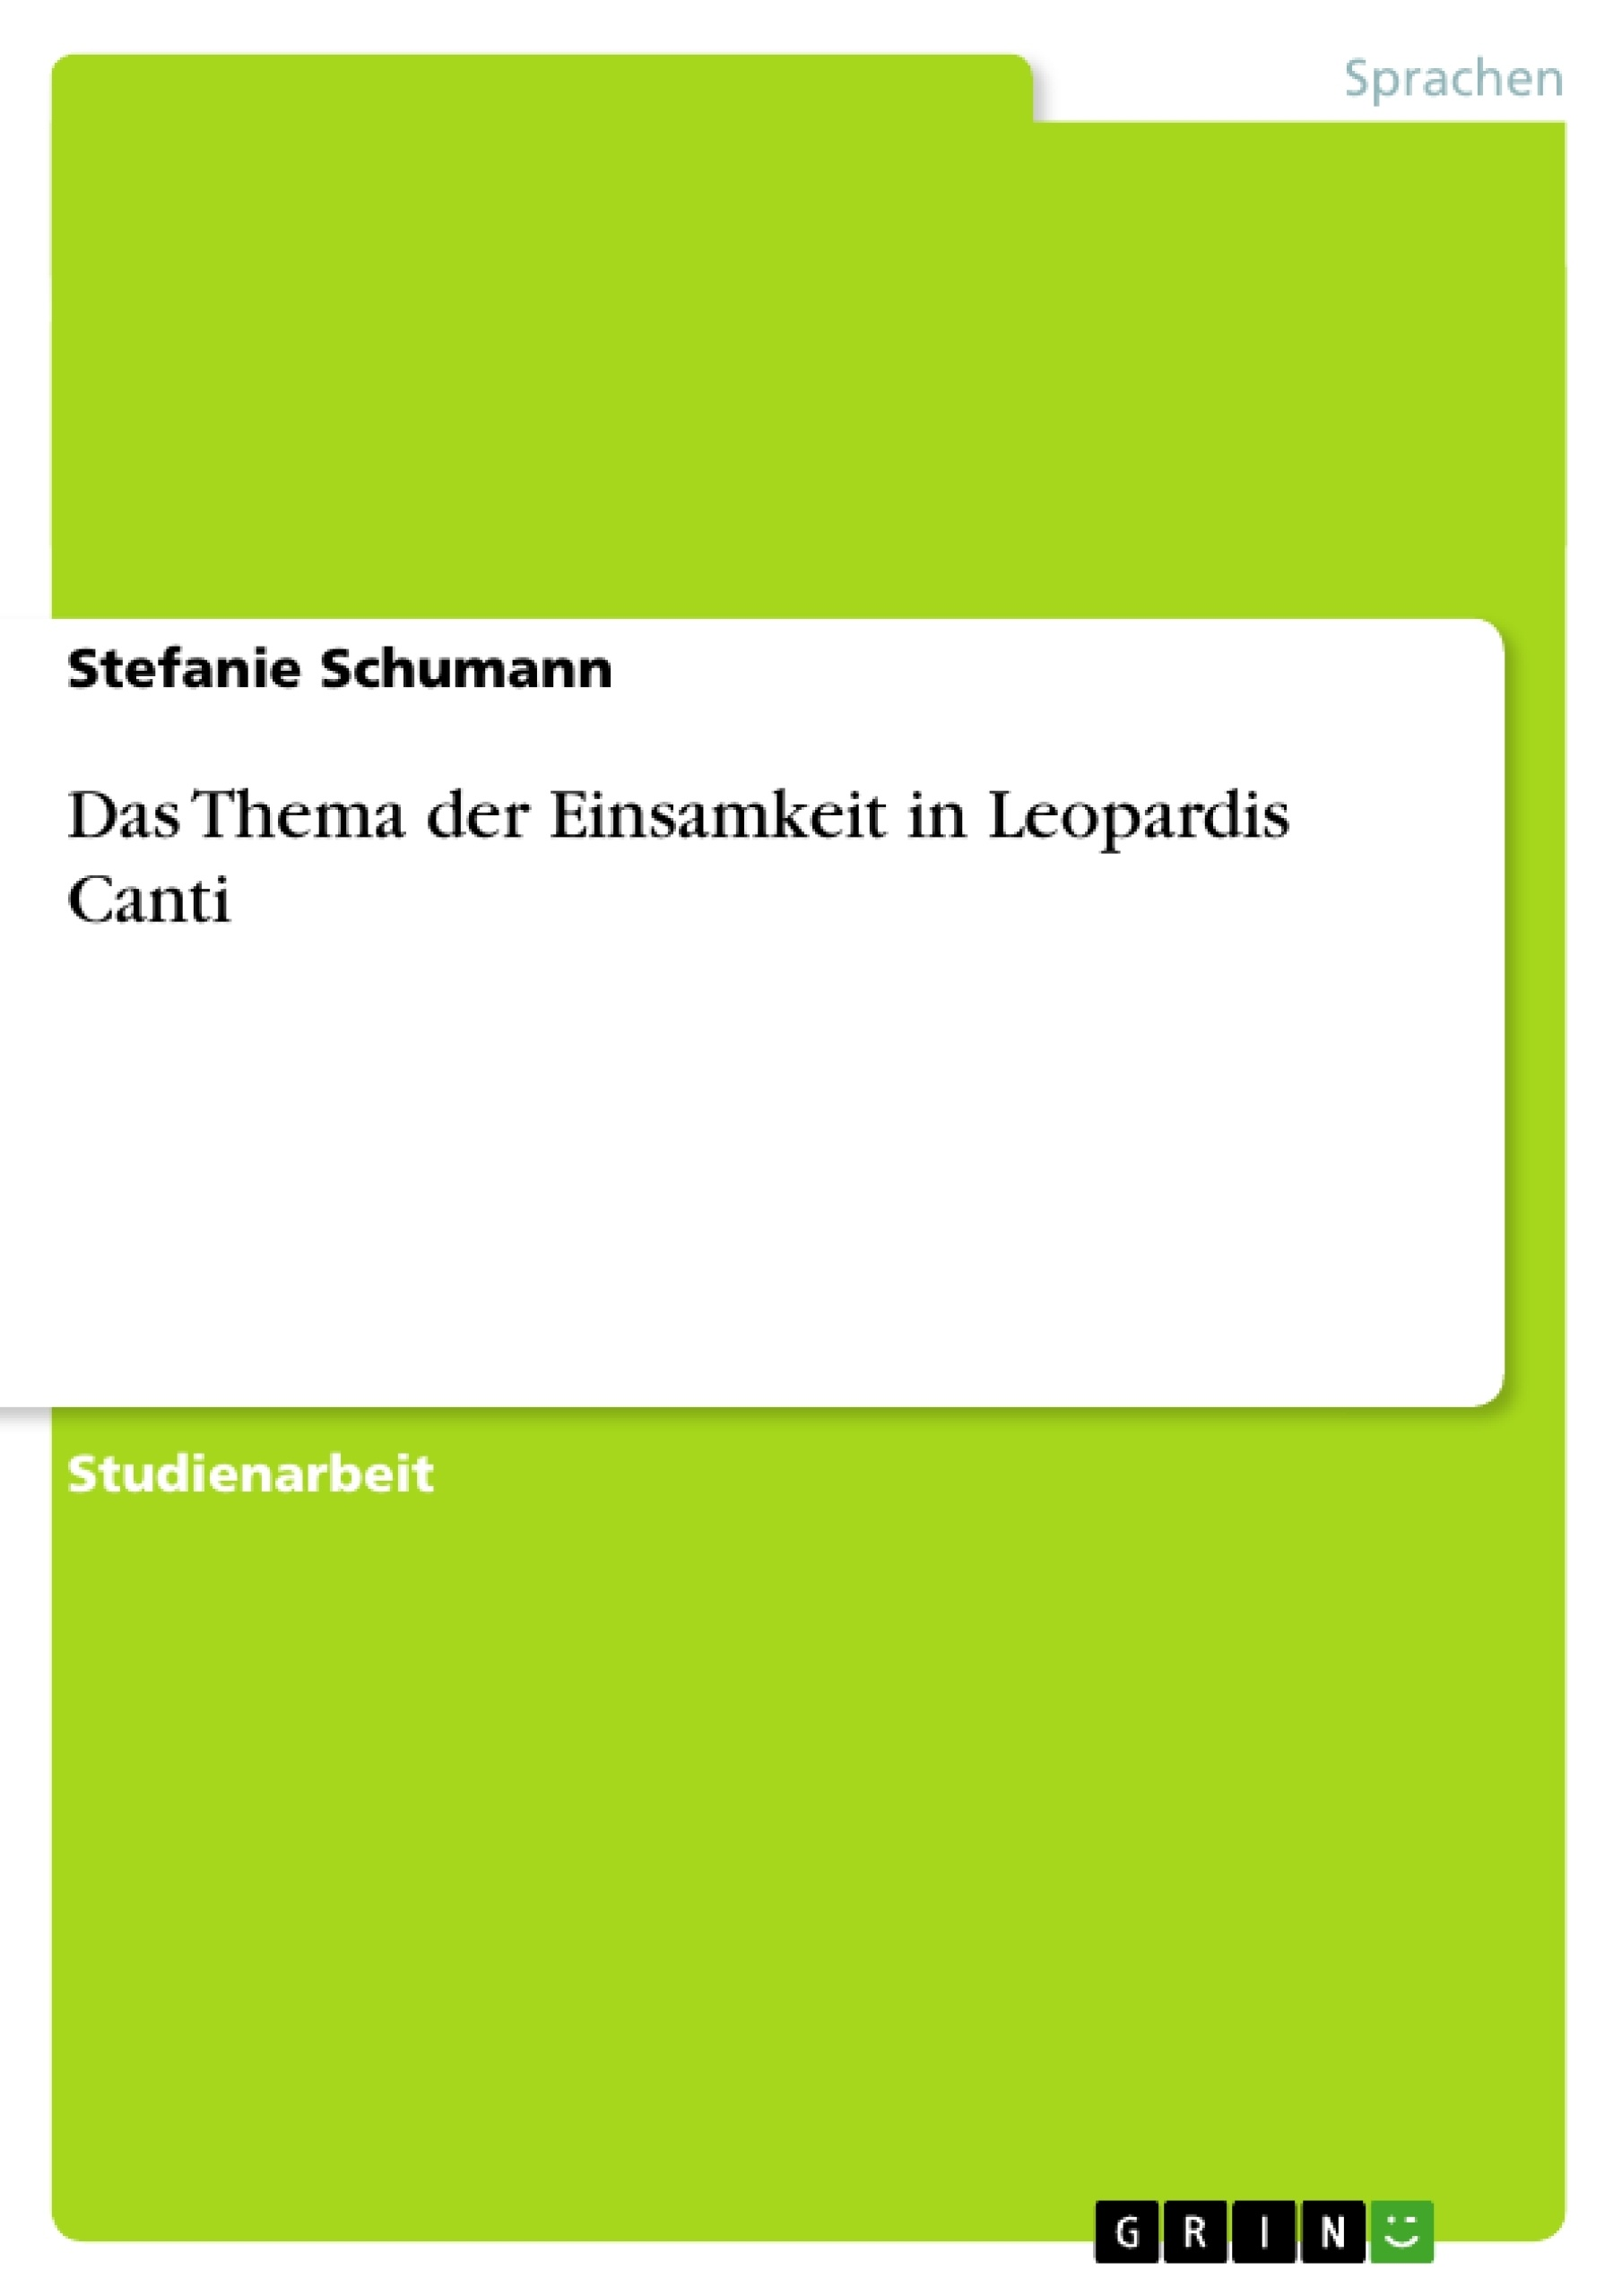 Titel: Das Thema der Einsamkeit in Leopardis Canti